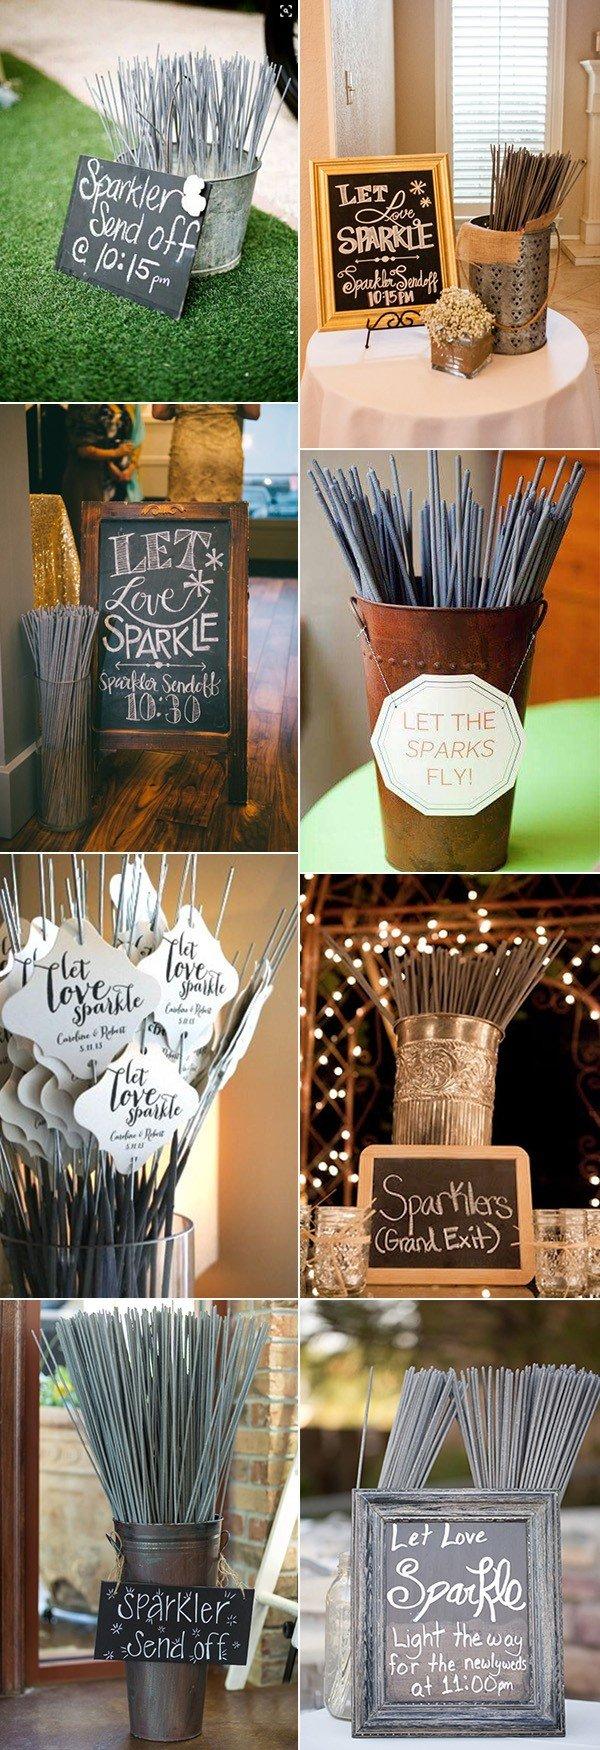 sparklers send off fall wedding ideas